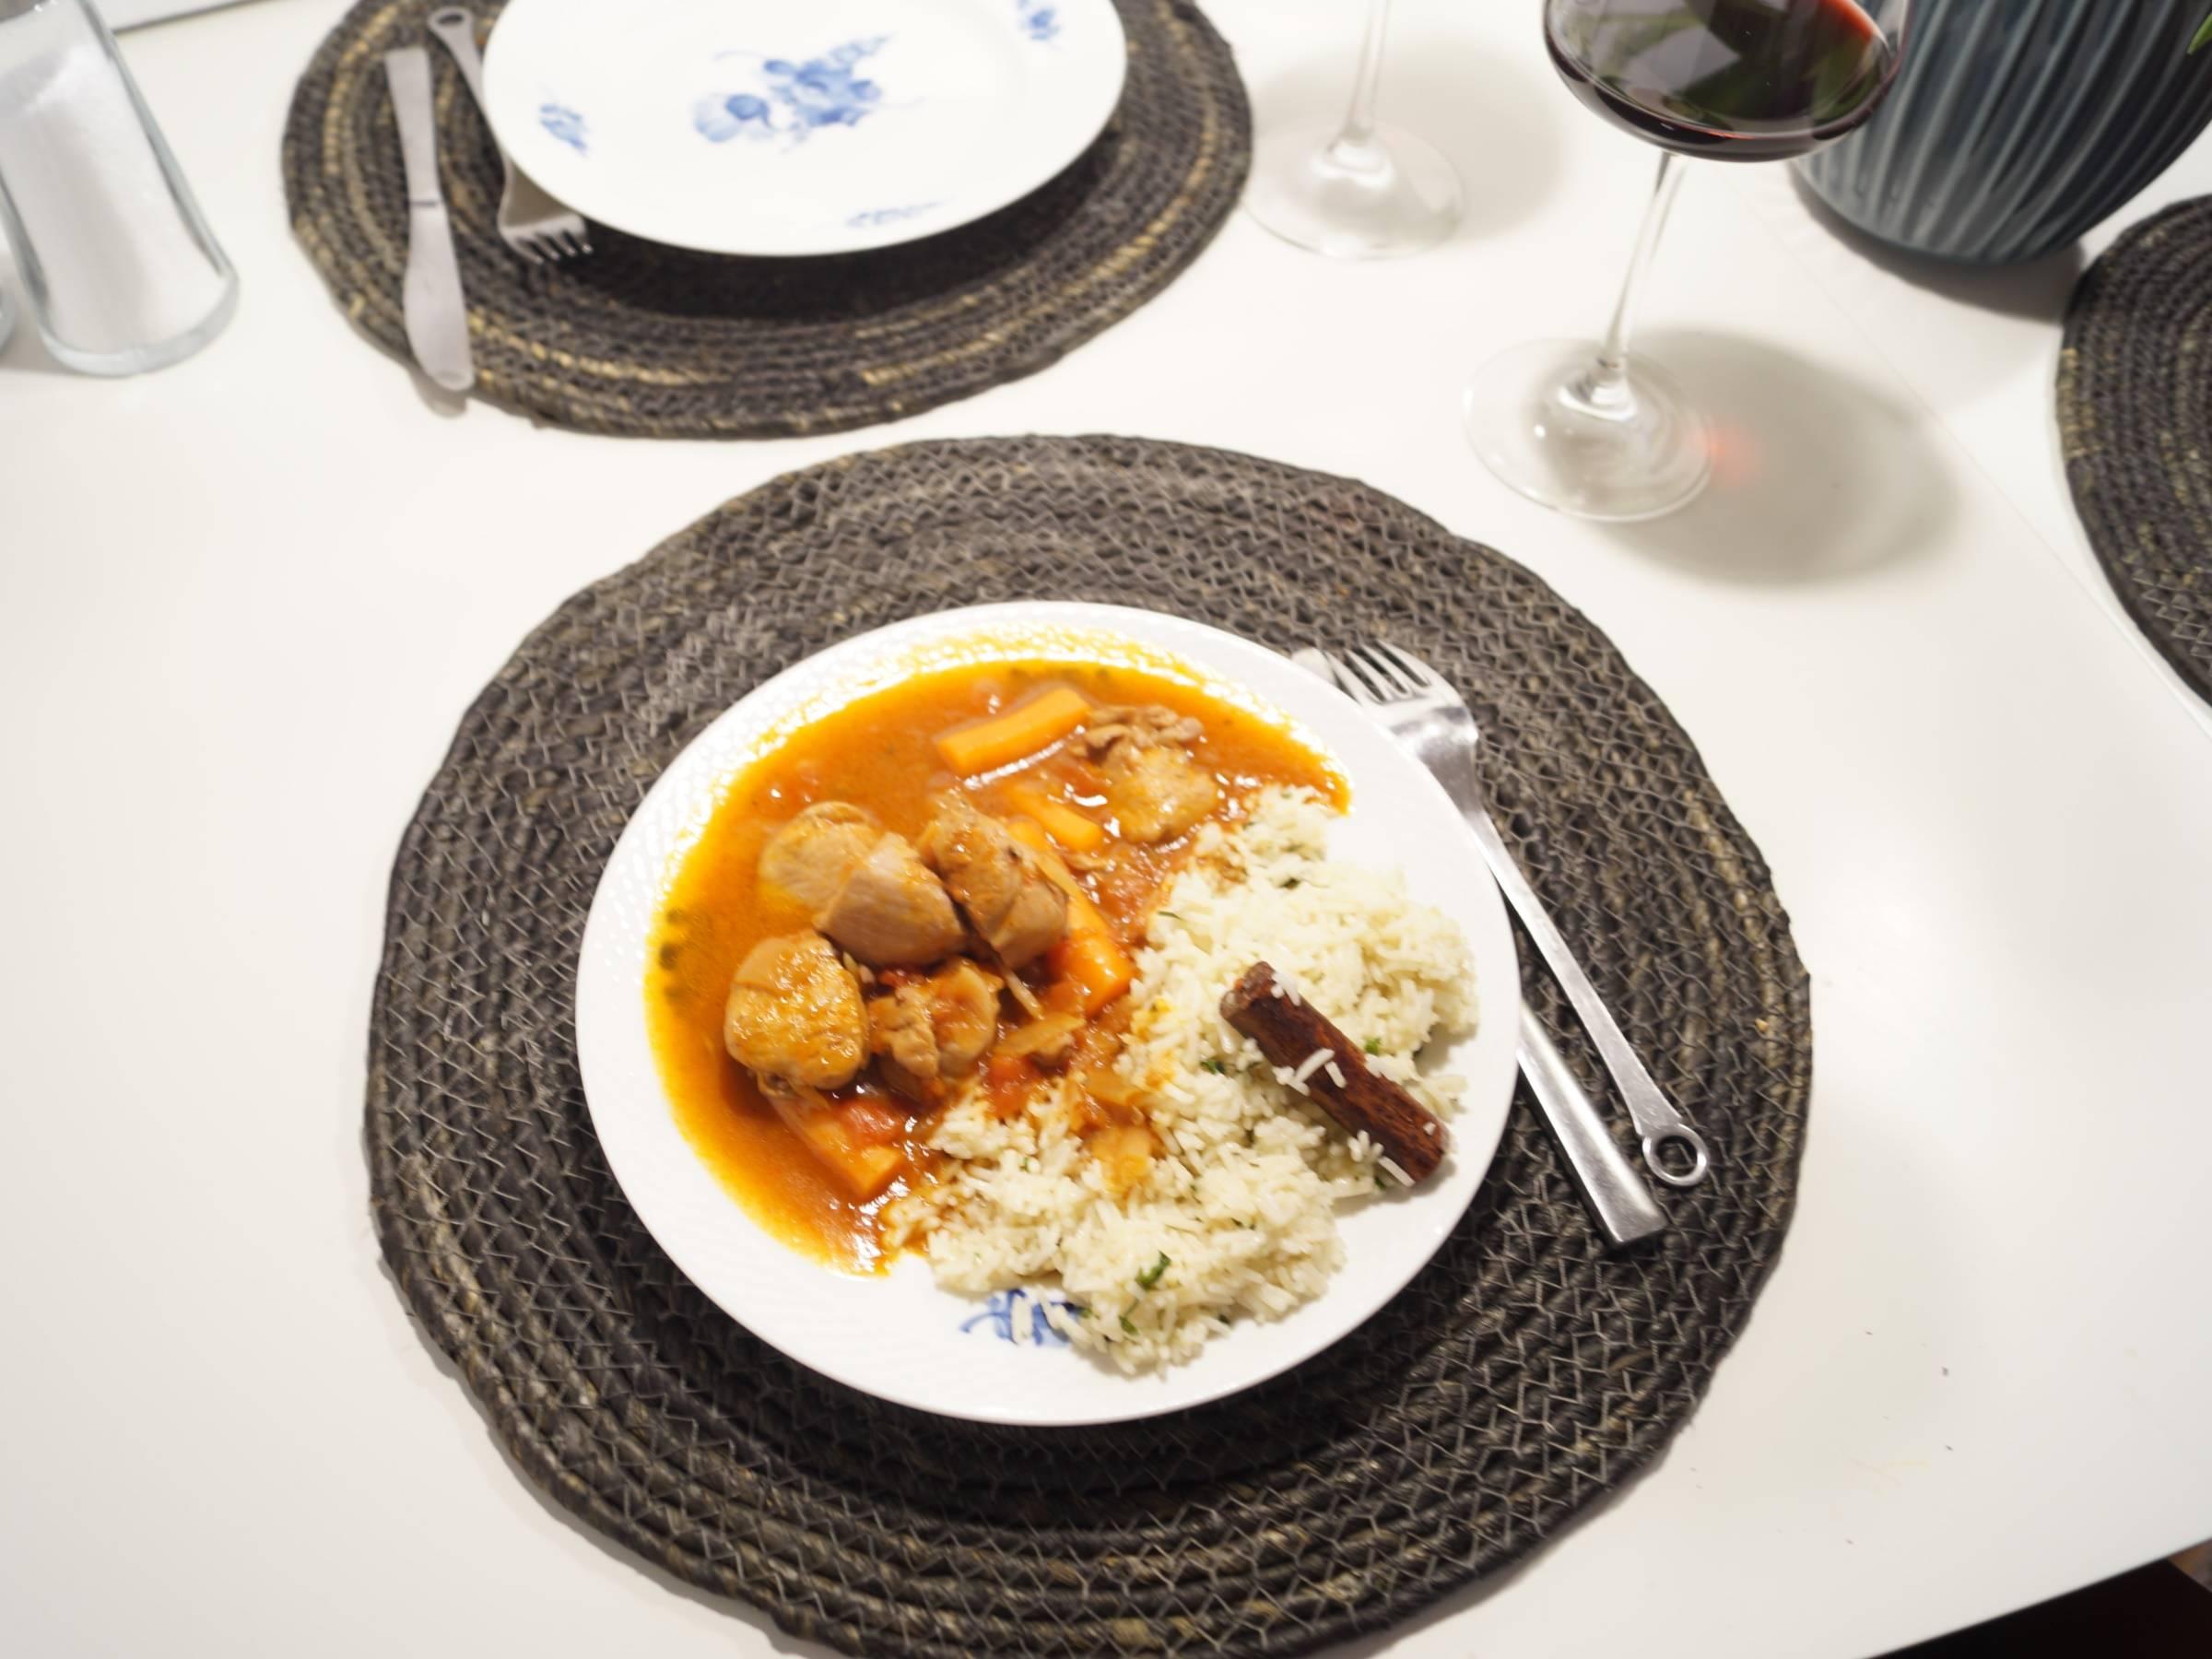 Stifado med kylling anrettet på spisebord